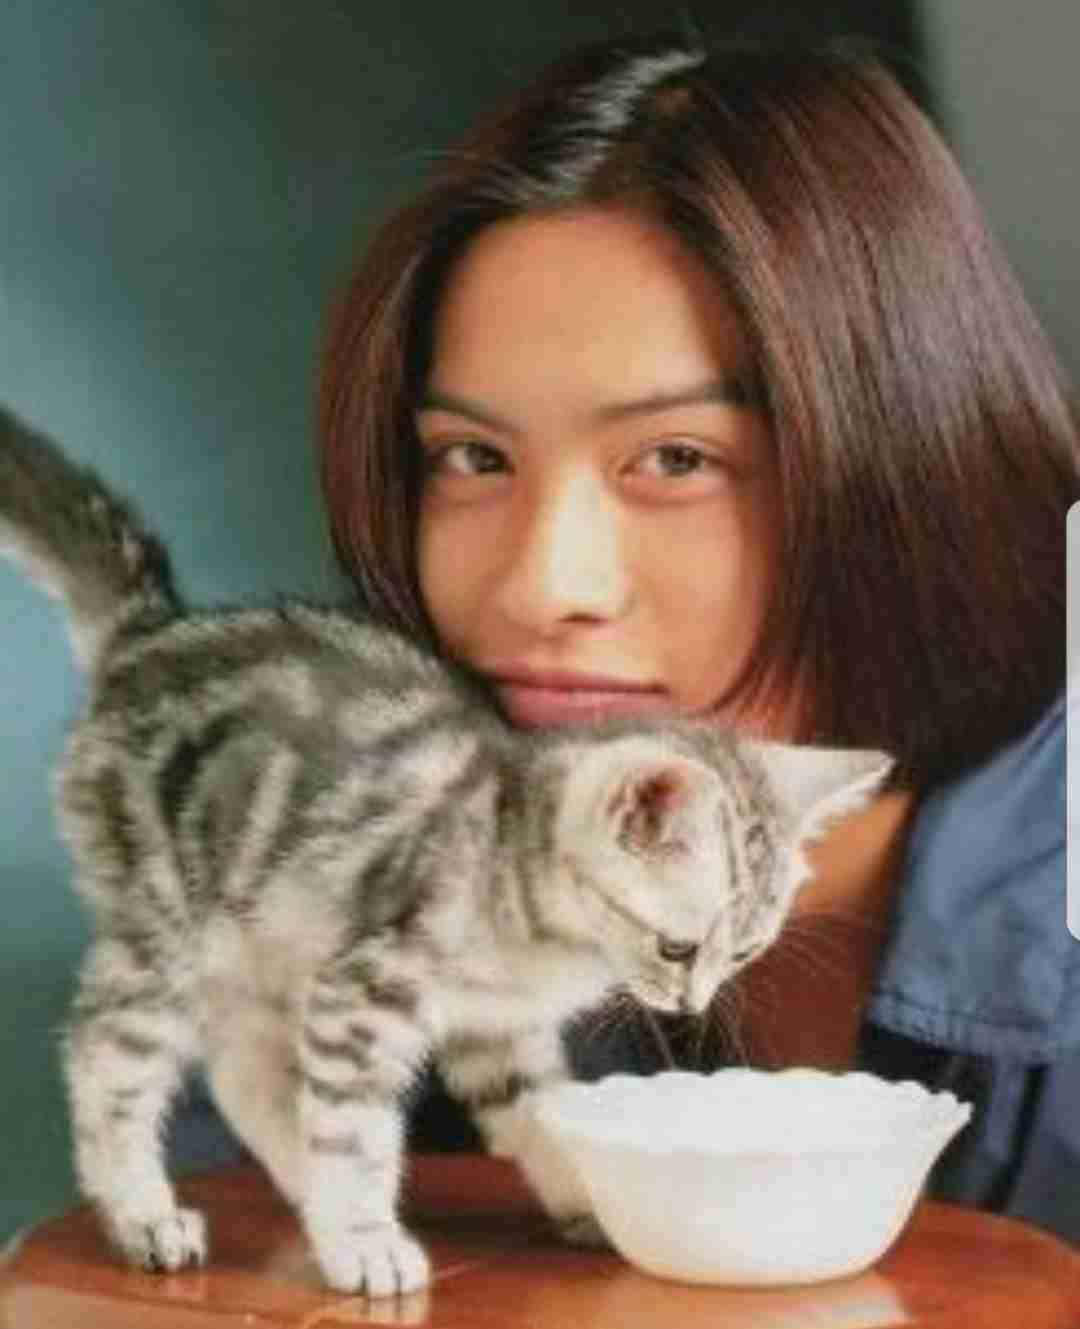 長瀬智也さんが好きな人